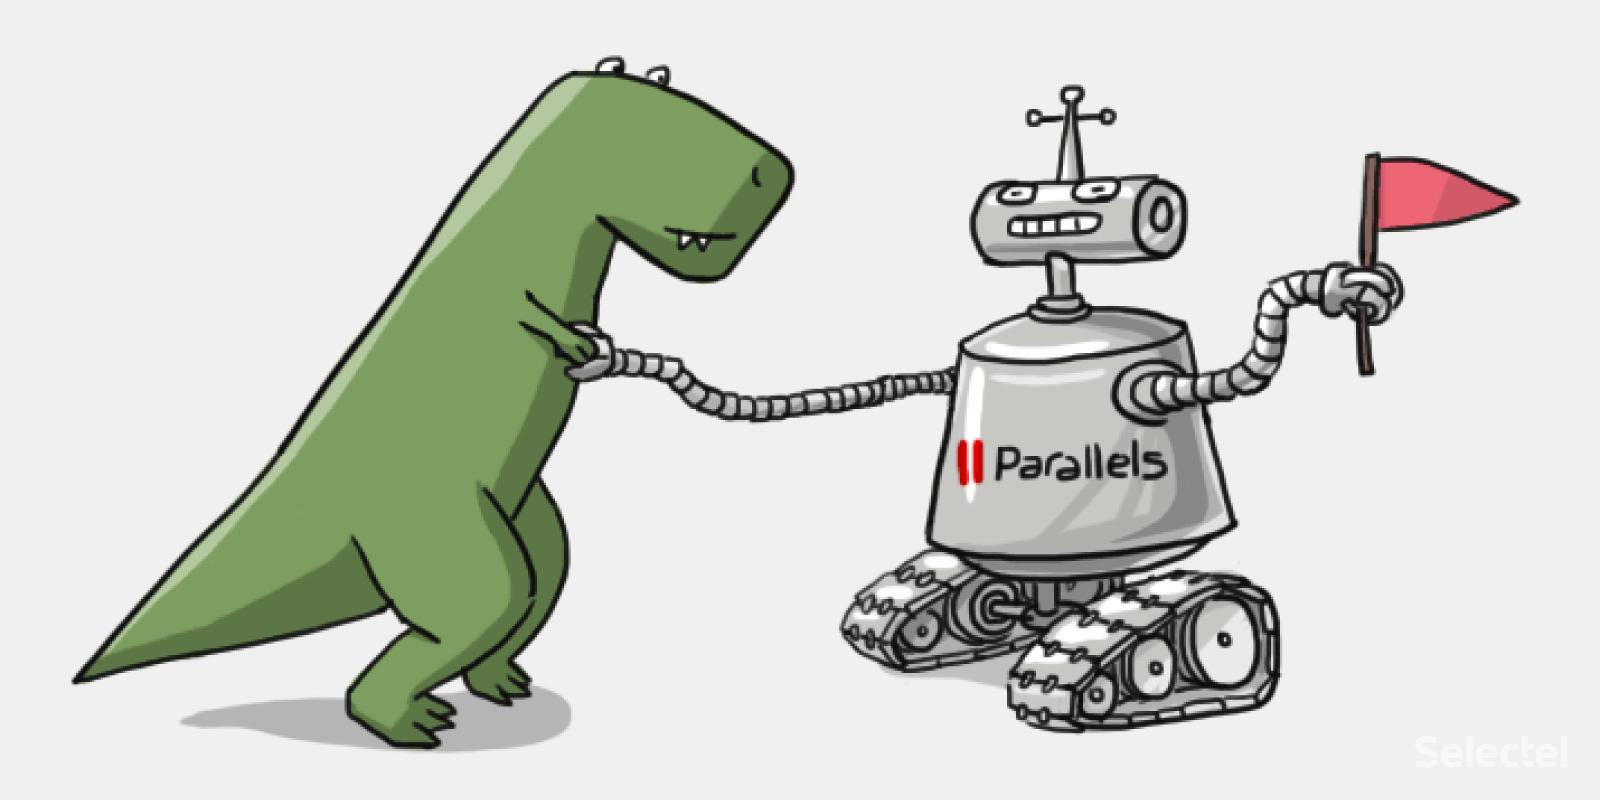 Селектел и Parallels — партнеры